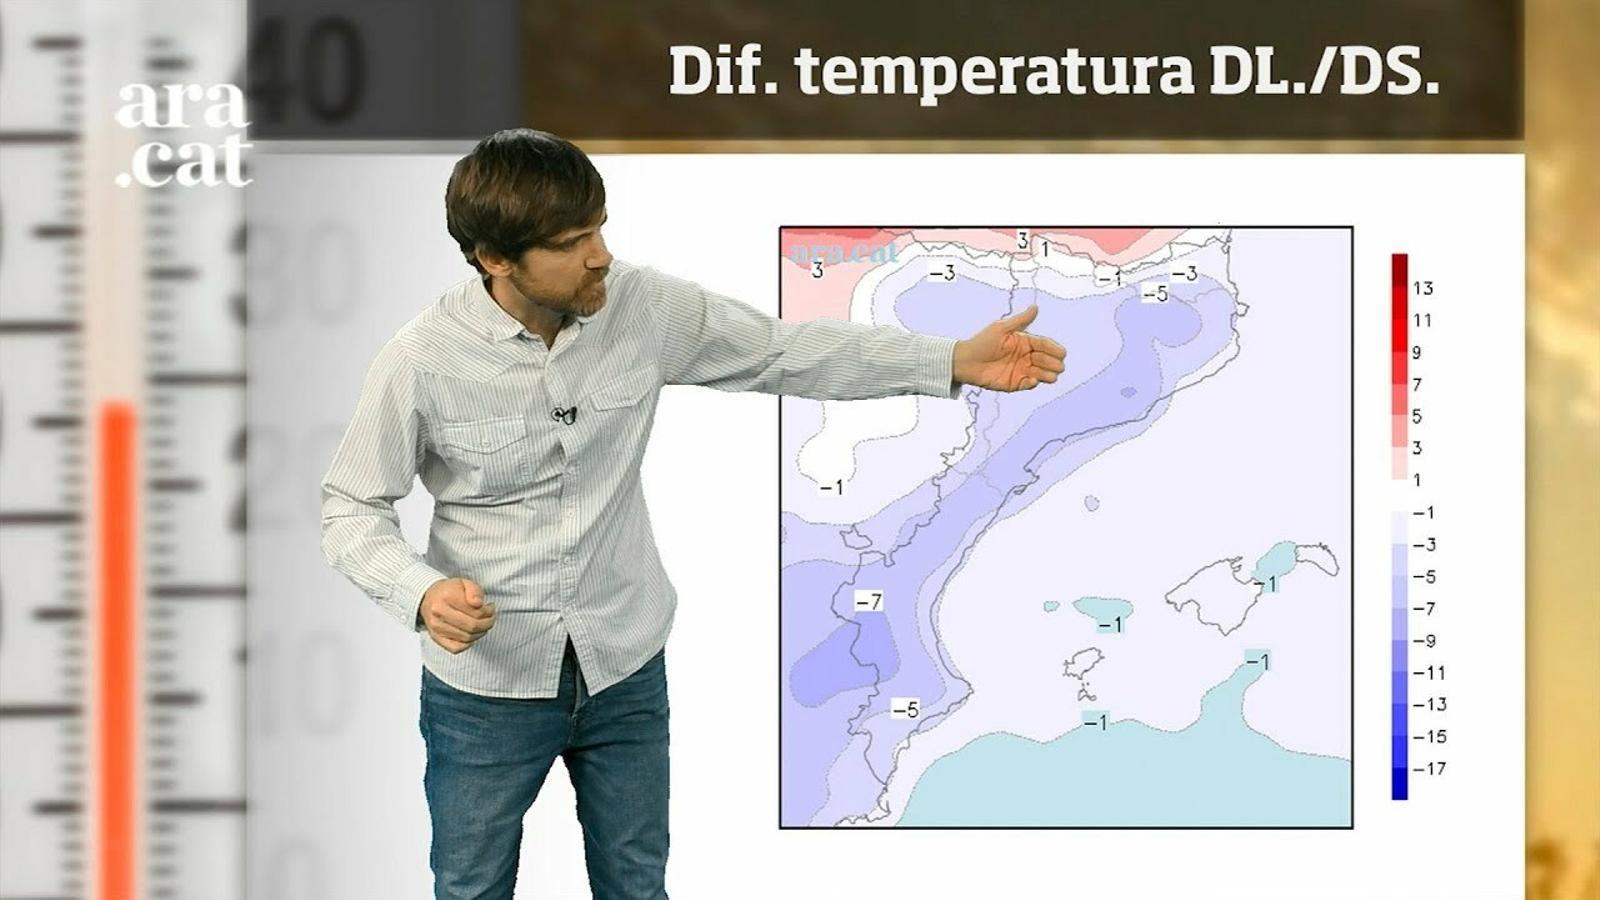 La méteo en 1 minut: setmana més freda del que podria semblar per l'inici